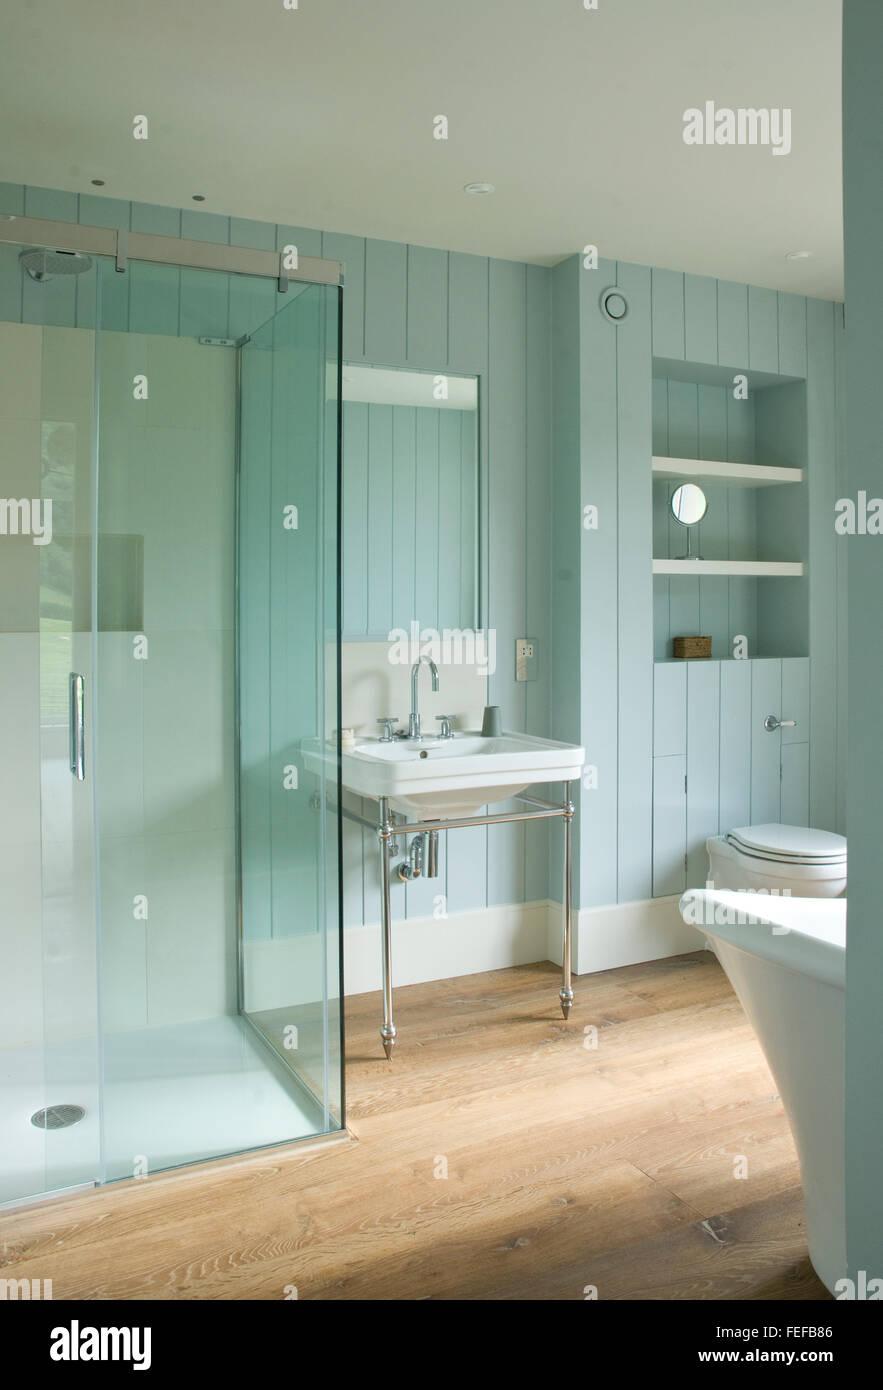 Salle de bains lambrissée, bleu/vert/pastel, cabine de ...